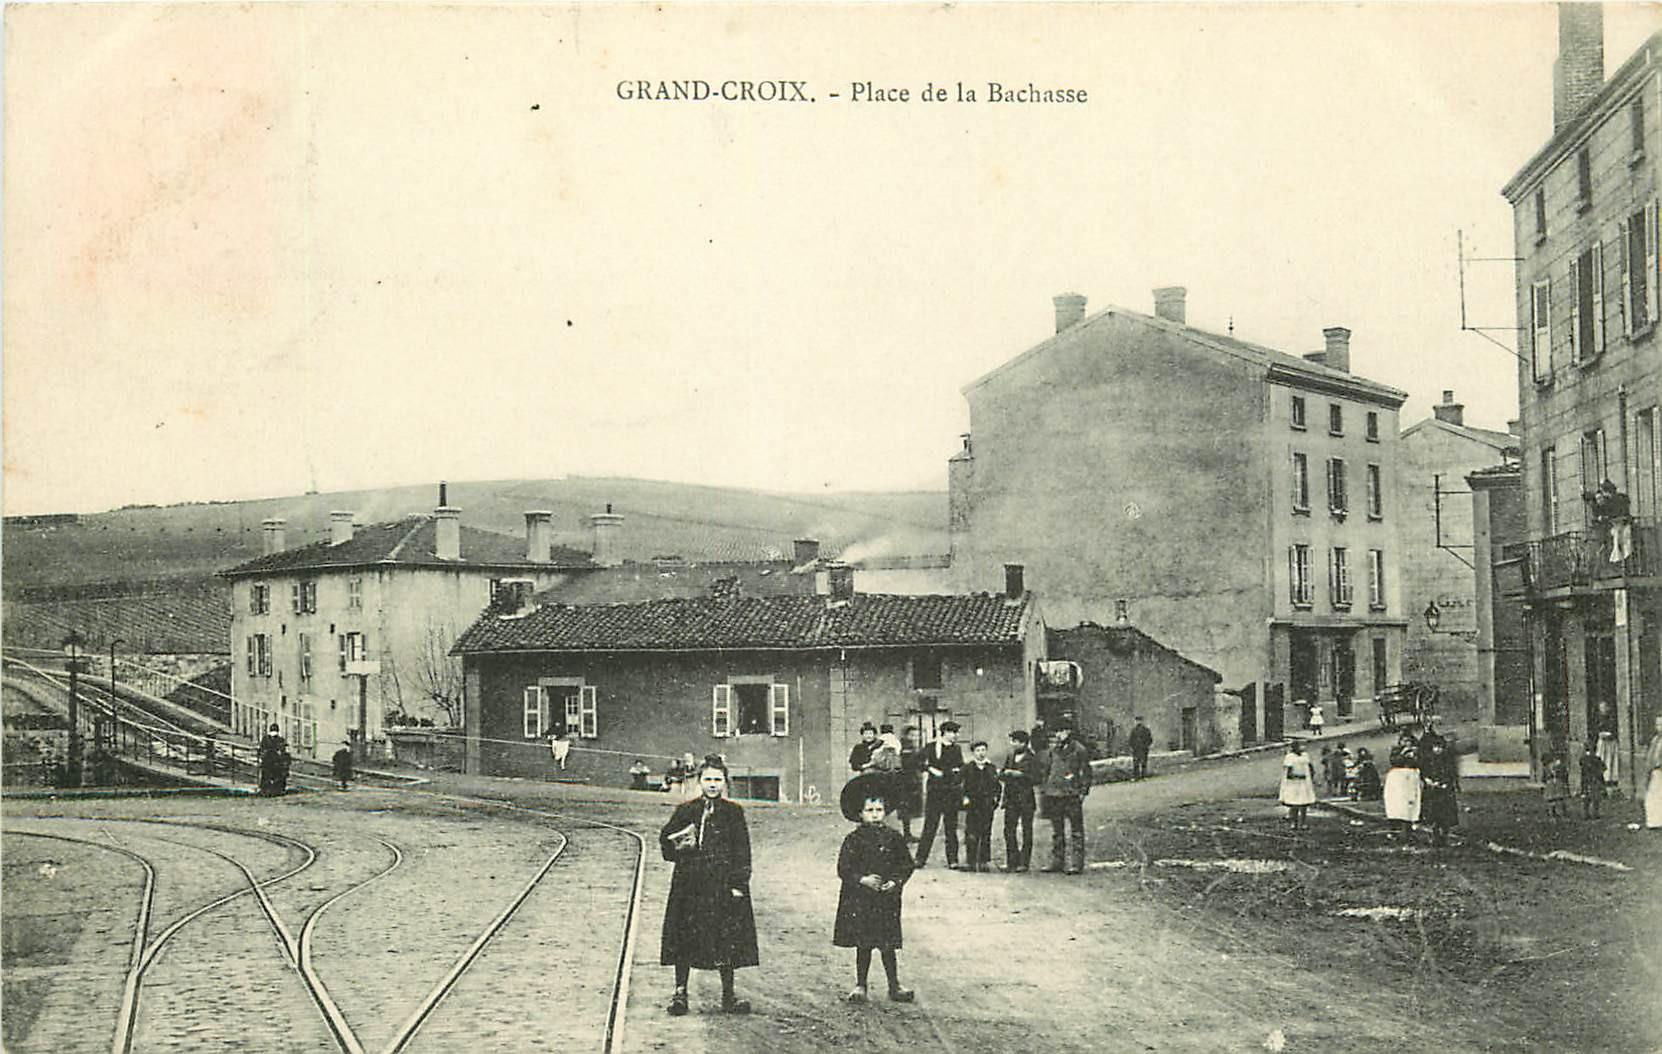 WW 42 GRAND-CROIX. Ligne de Tramway sur Place de la Bachasse 1908